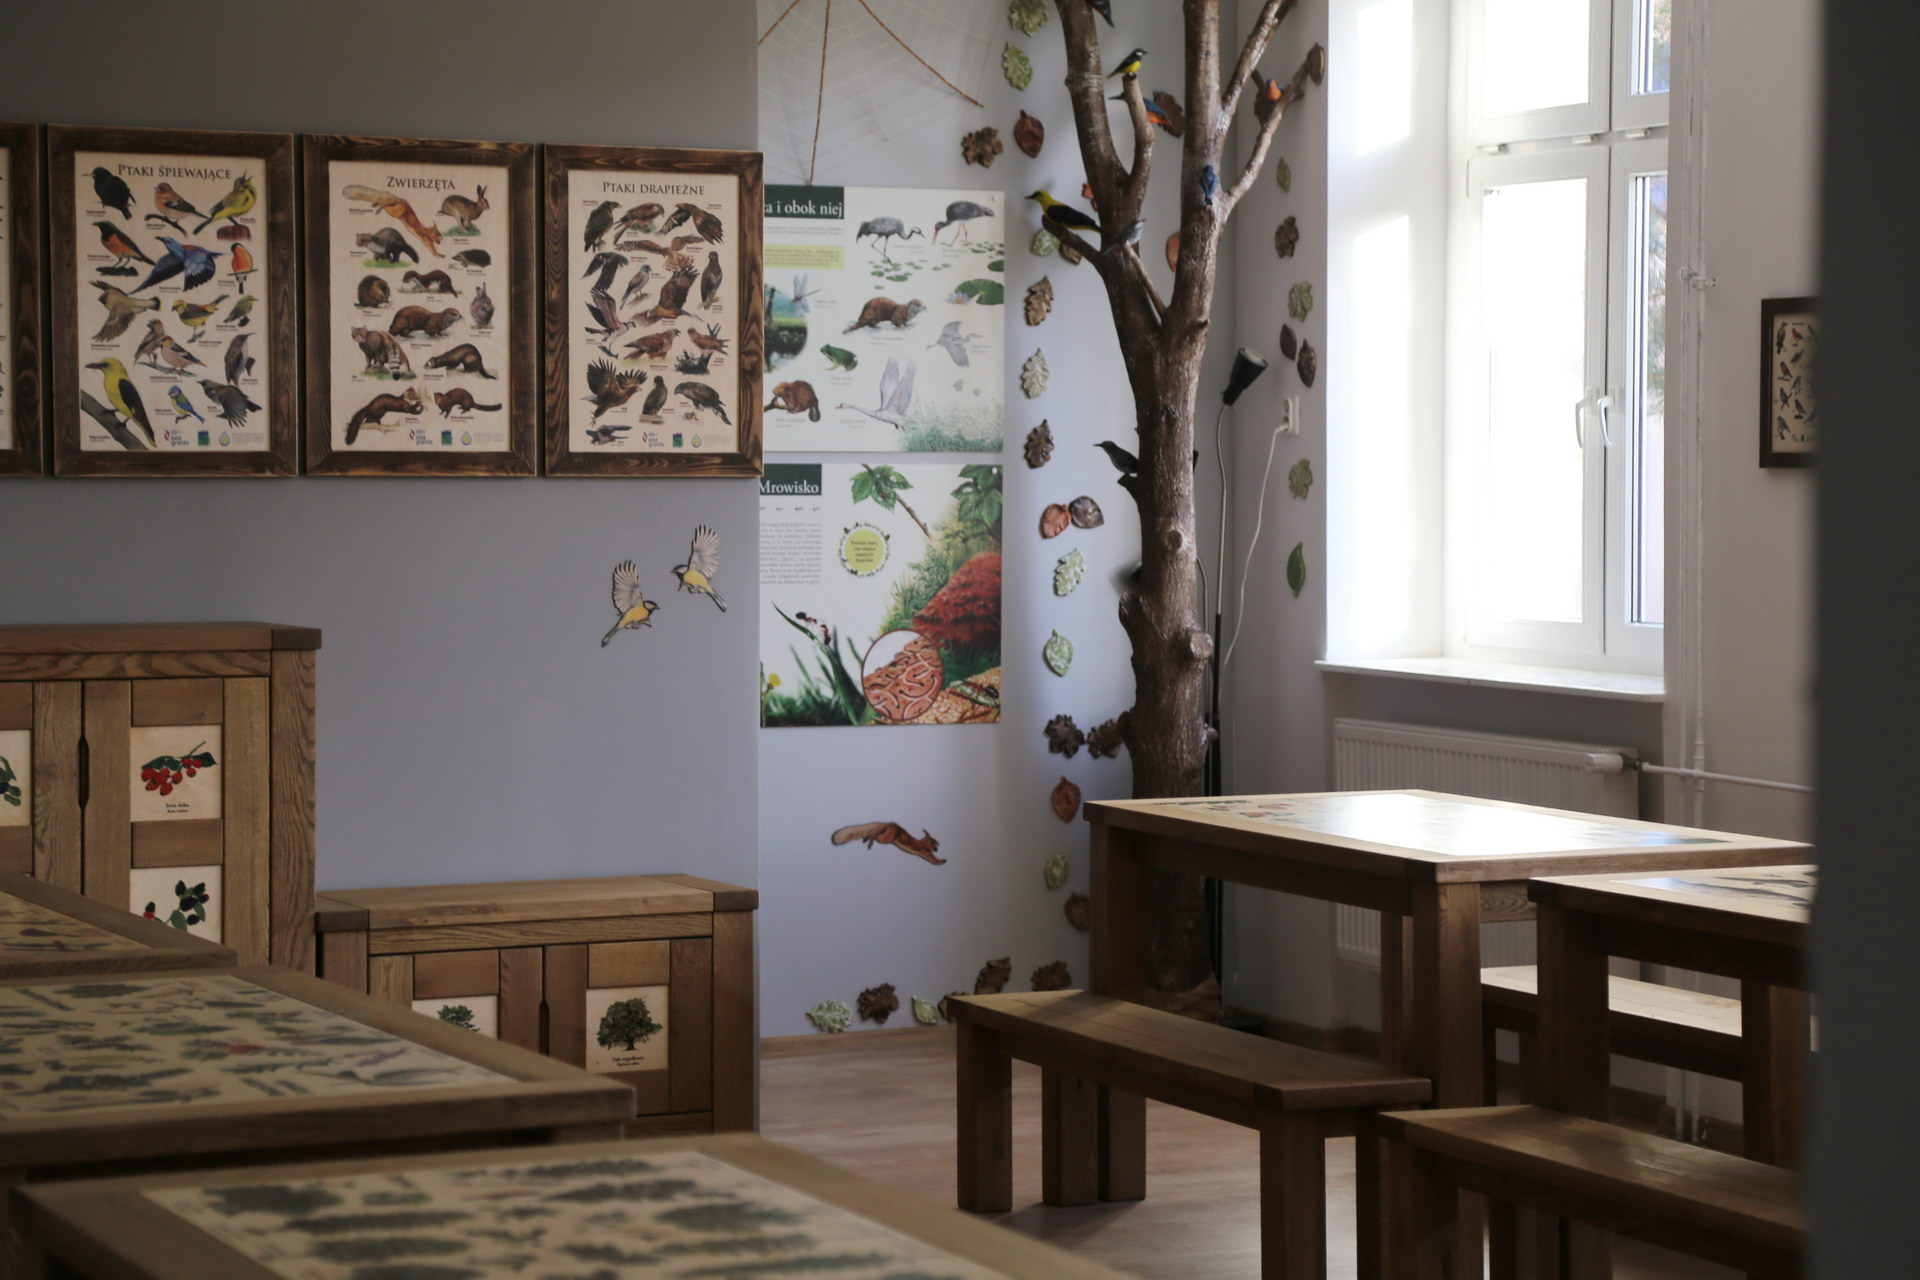 Izby edukacyjne lesne - sale przyrodnicze, wystroj wnetrz - ZS Goscino (3)